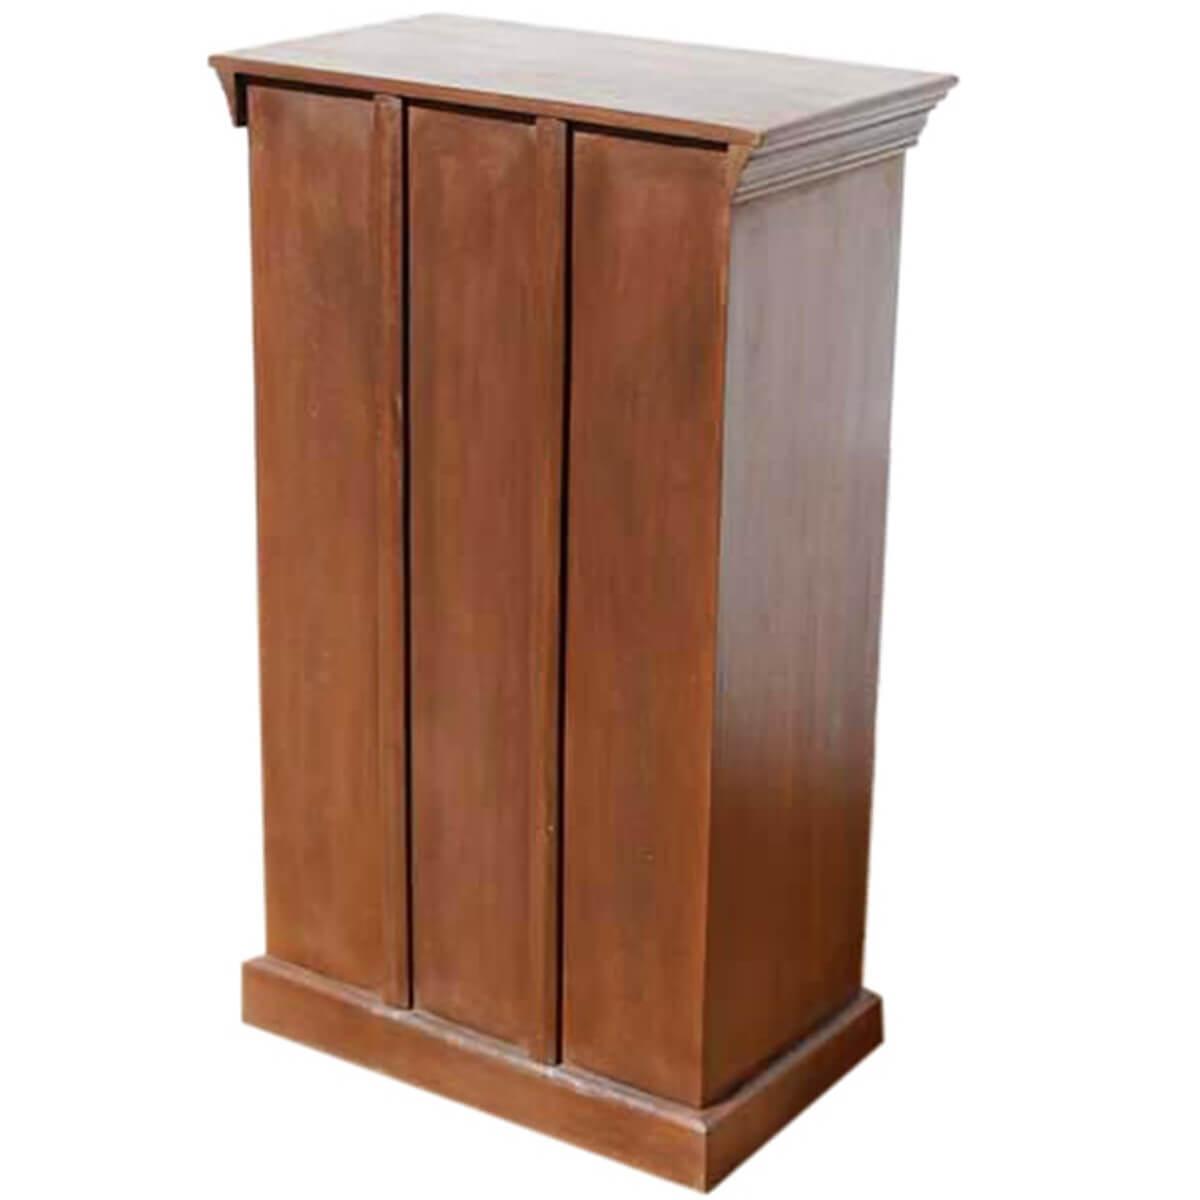 Kitchen Wardrobe Cabinet: Wood Brass Accents Door Armoire Storage Kitchen Cabinet